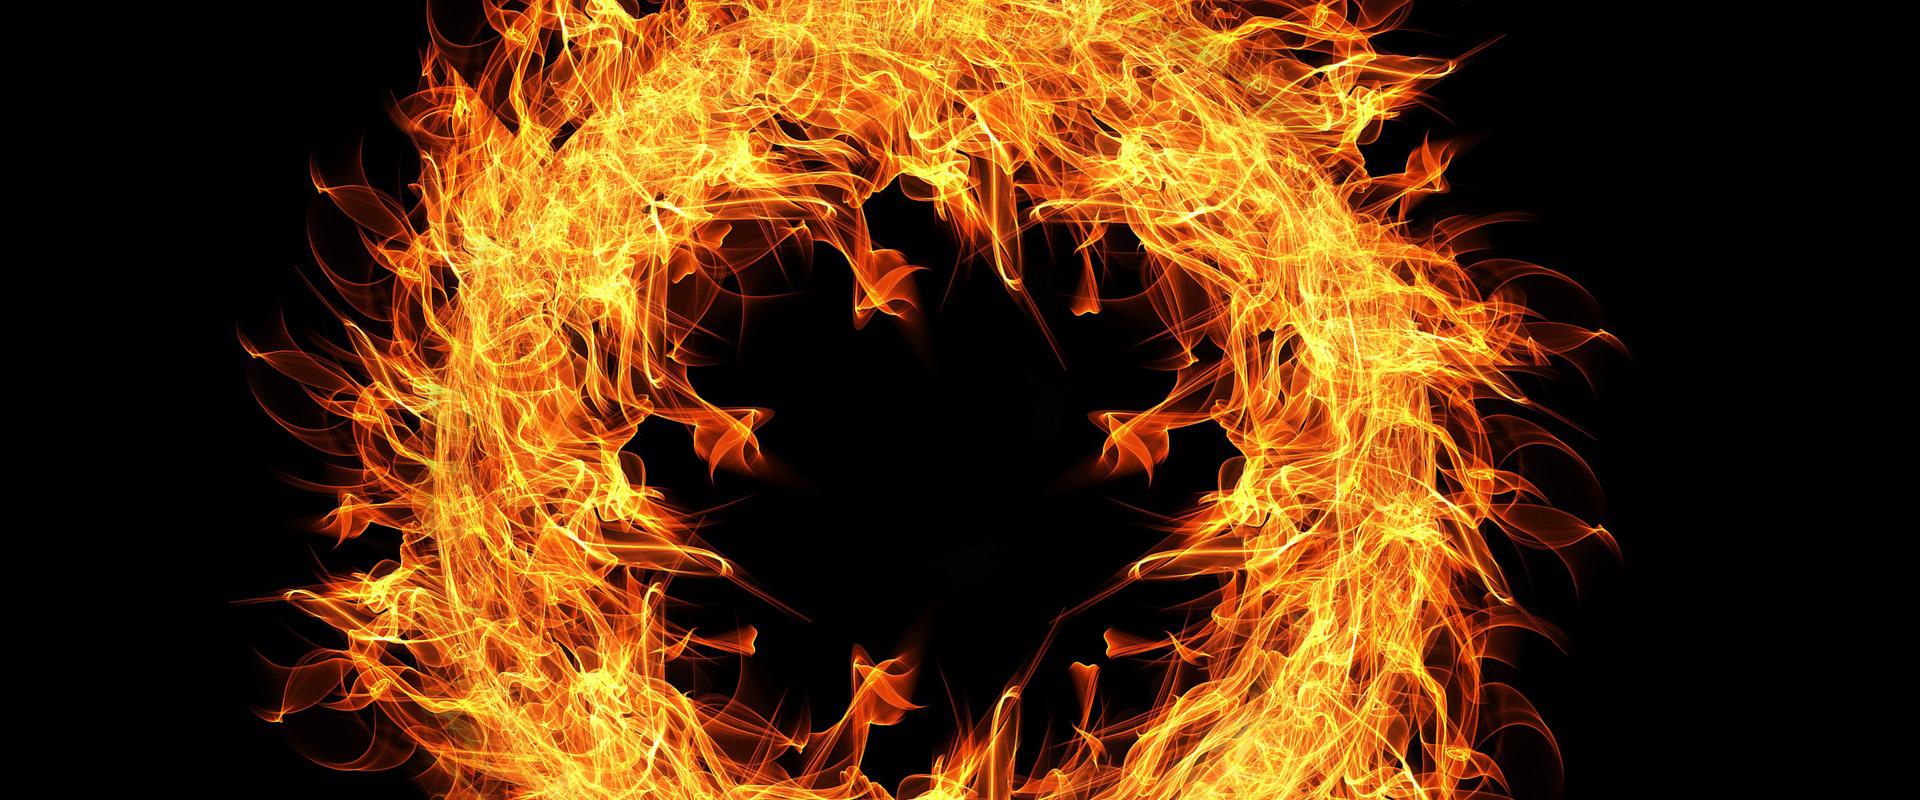 flamme le feu cercle black contexte cercle de feu rond flamme image de fond pour le